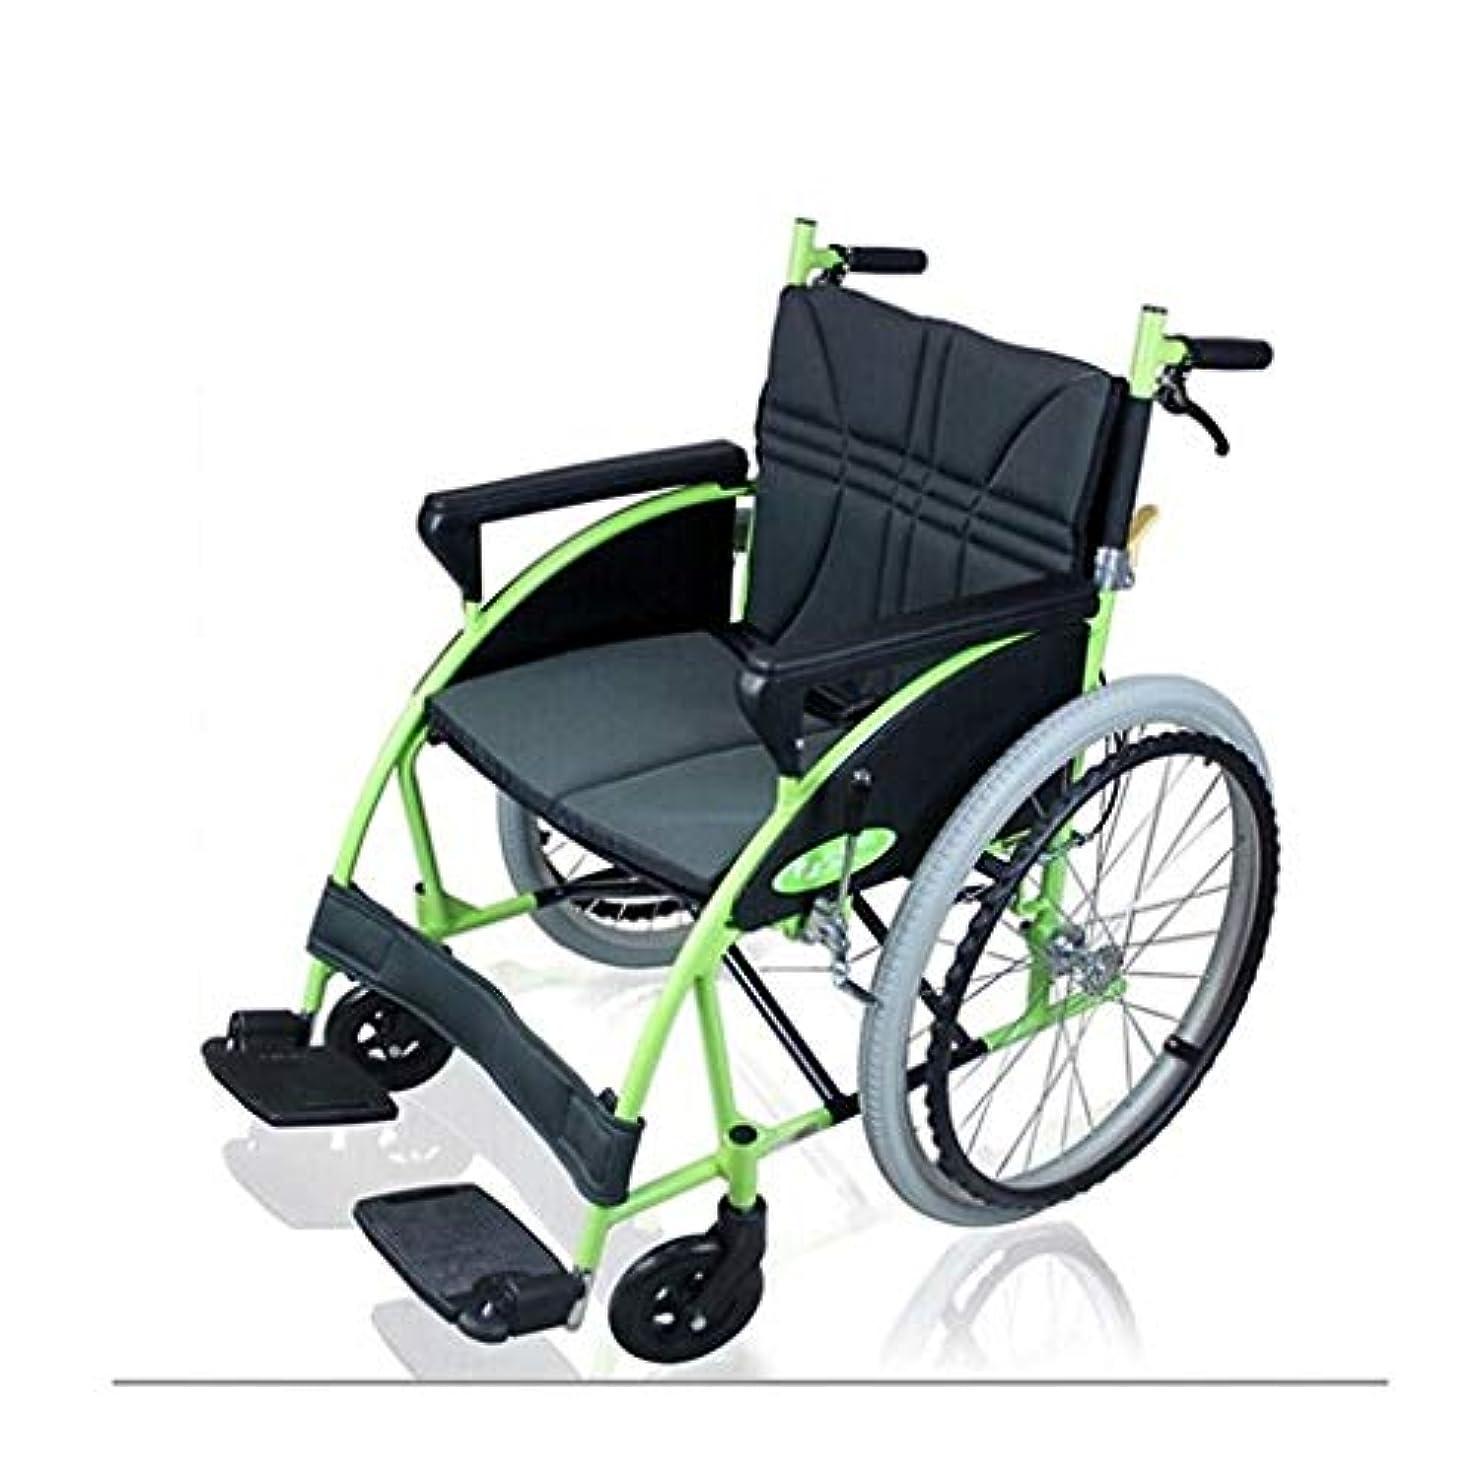 操るバスタブ光電アルミ合金車椅子折りたたみポータブル障害者高齢者車椅子4ブレーキデザインバックストレージバッグ